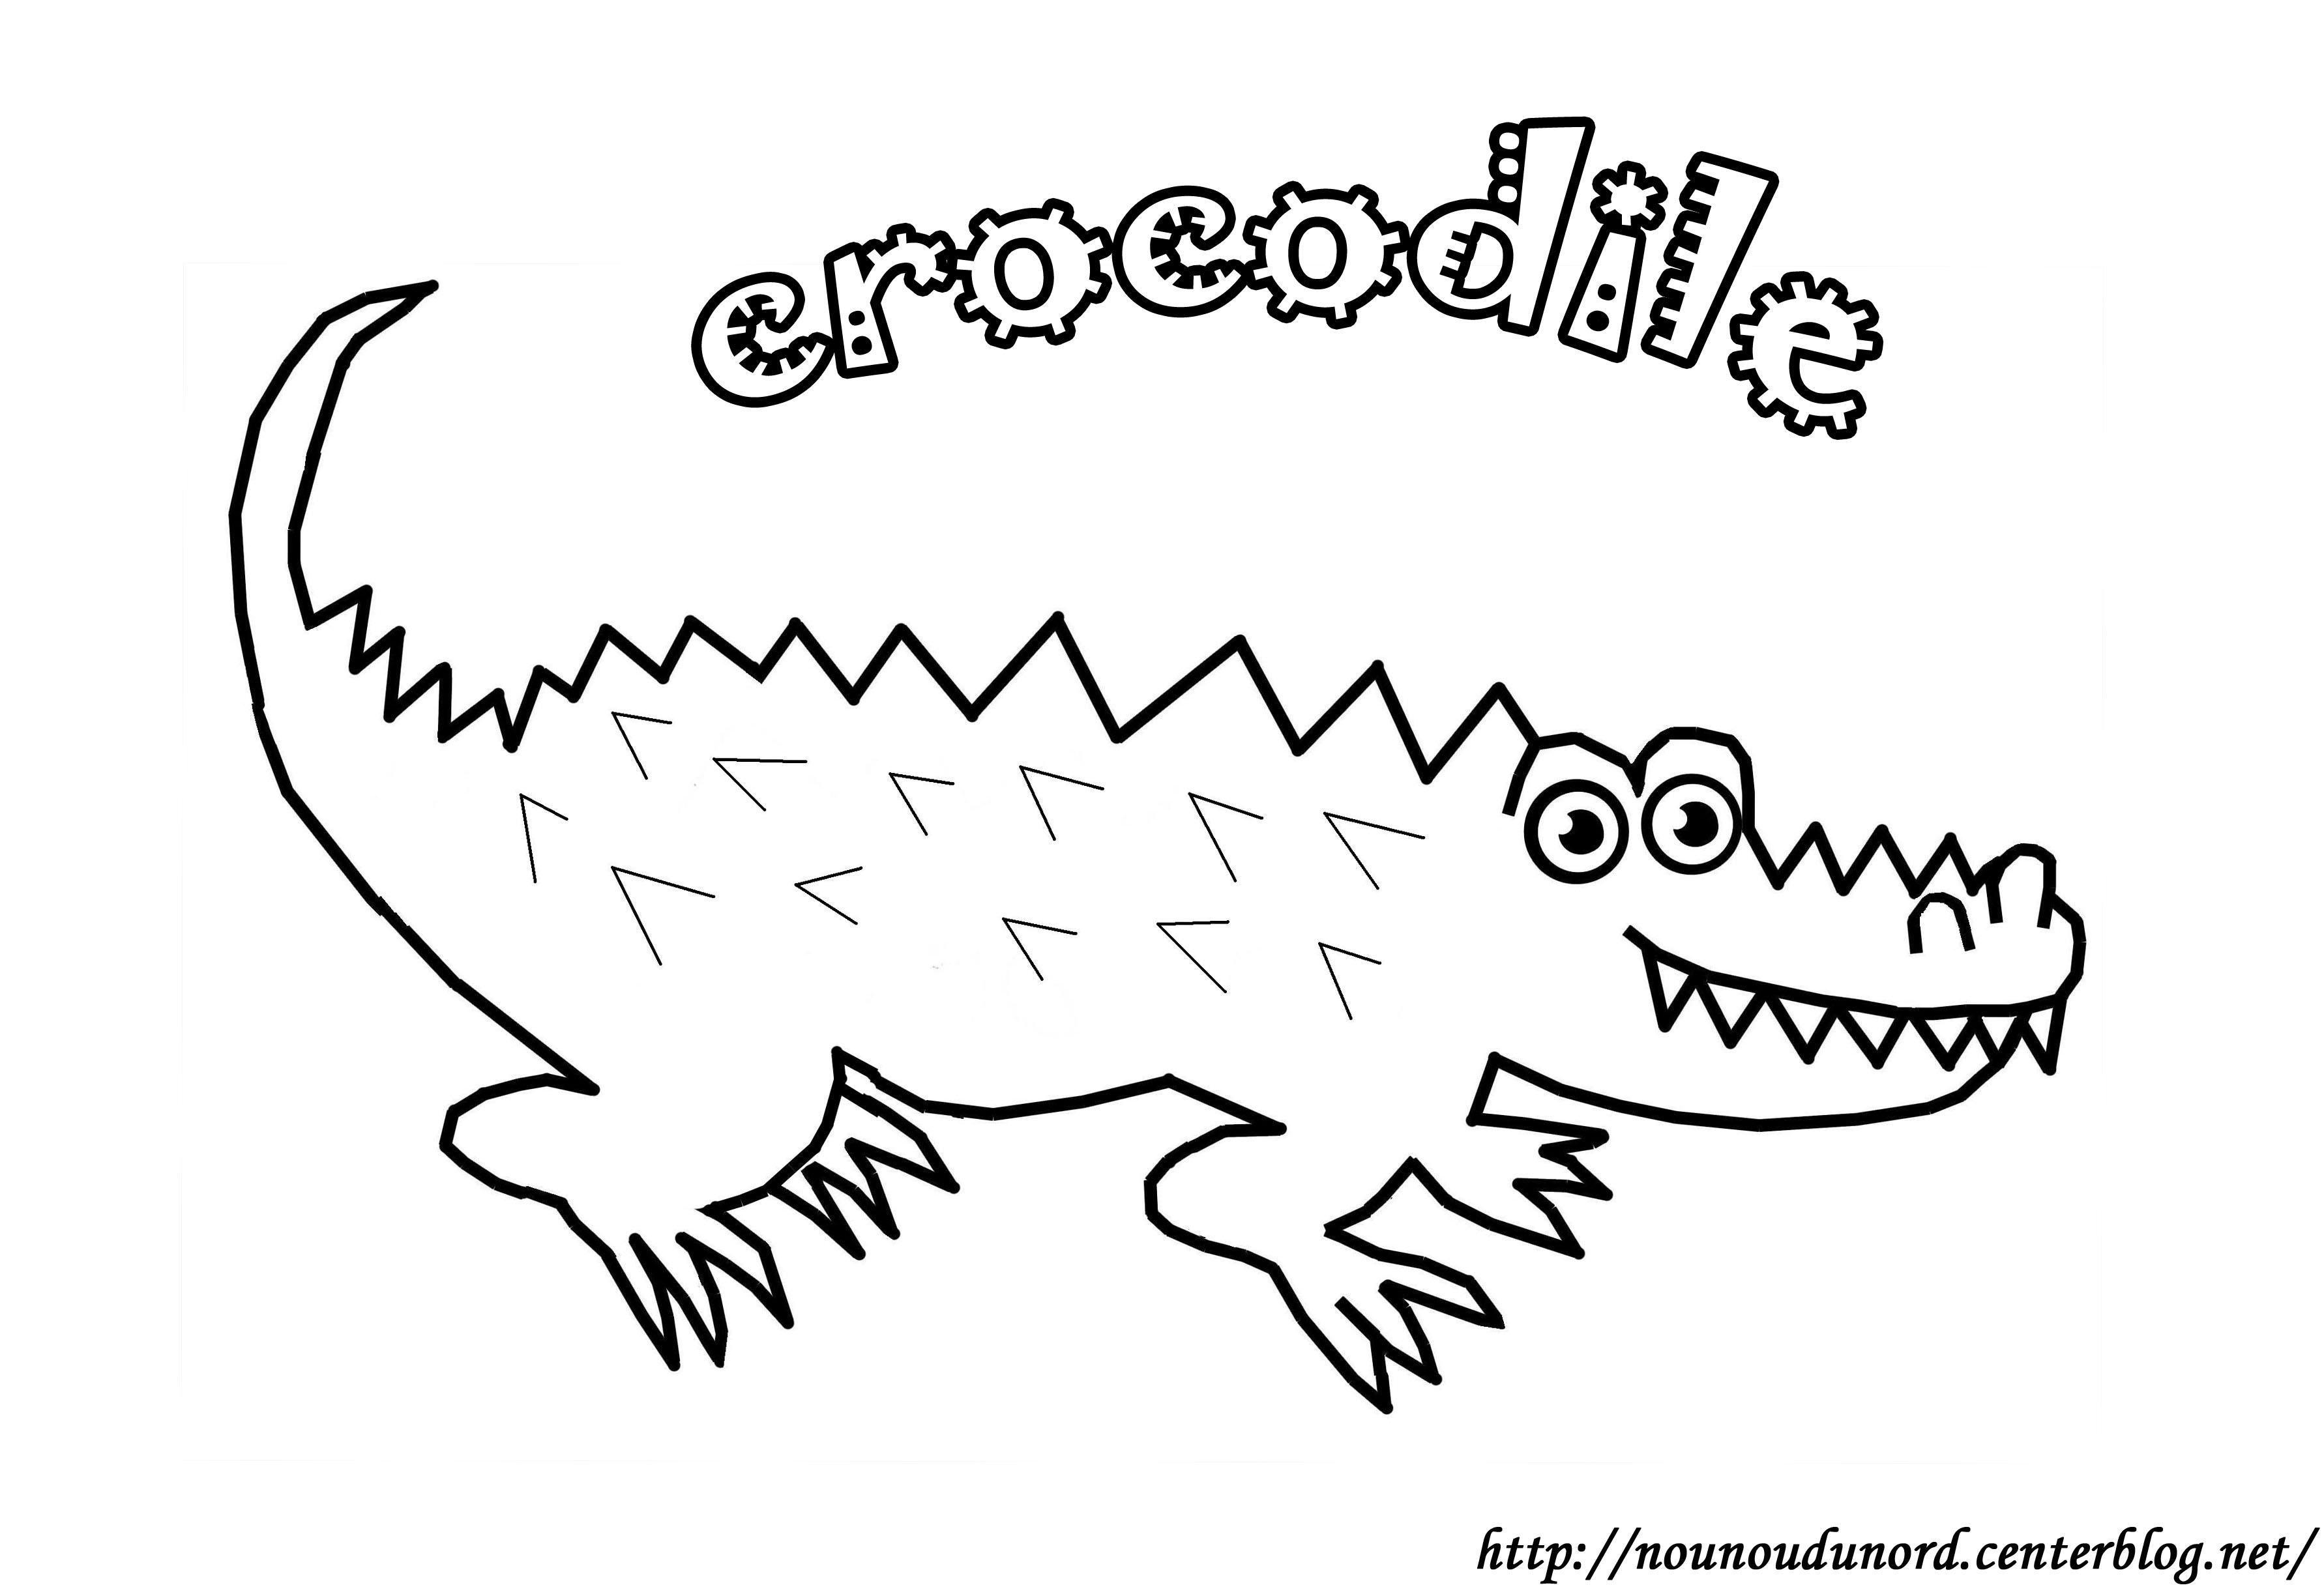 106 dibujos de Cocodrilos para colorear | Oh Kids | Page 2